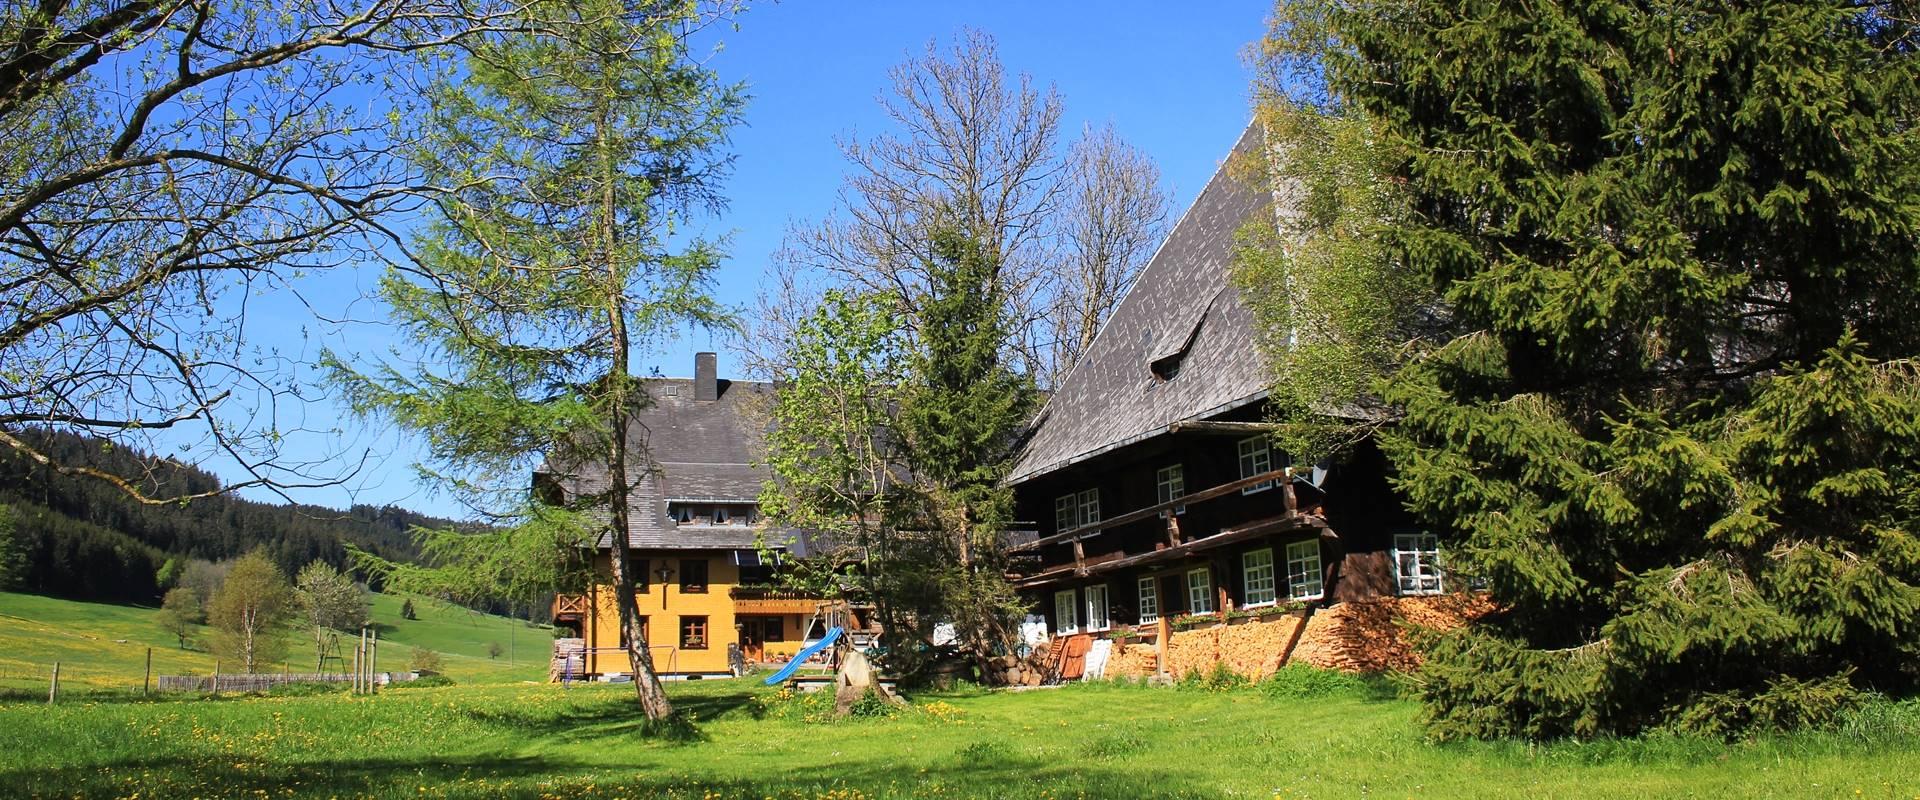 Willkommen urlaub am griesbachhof schwarzwald for Ferienwohnung im schwarzwald